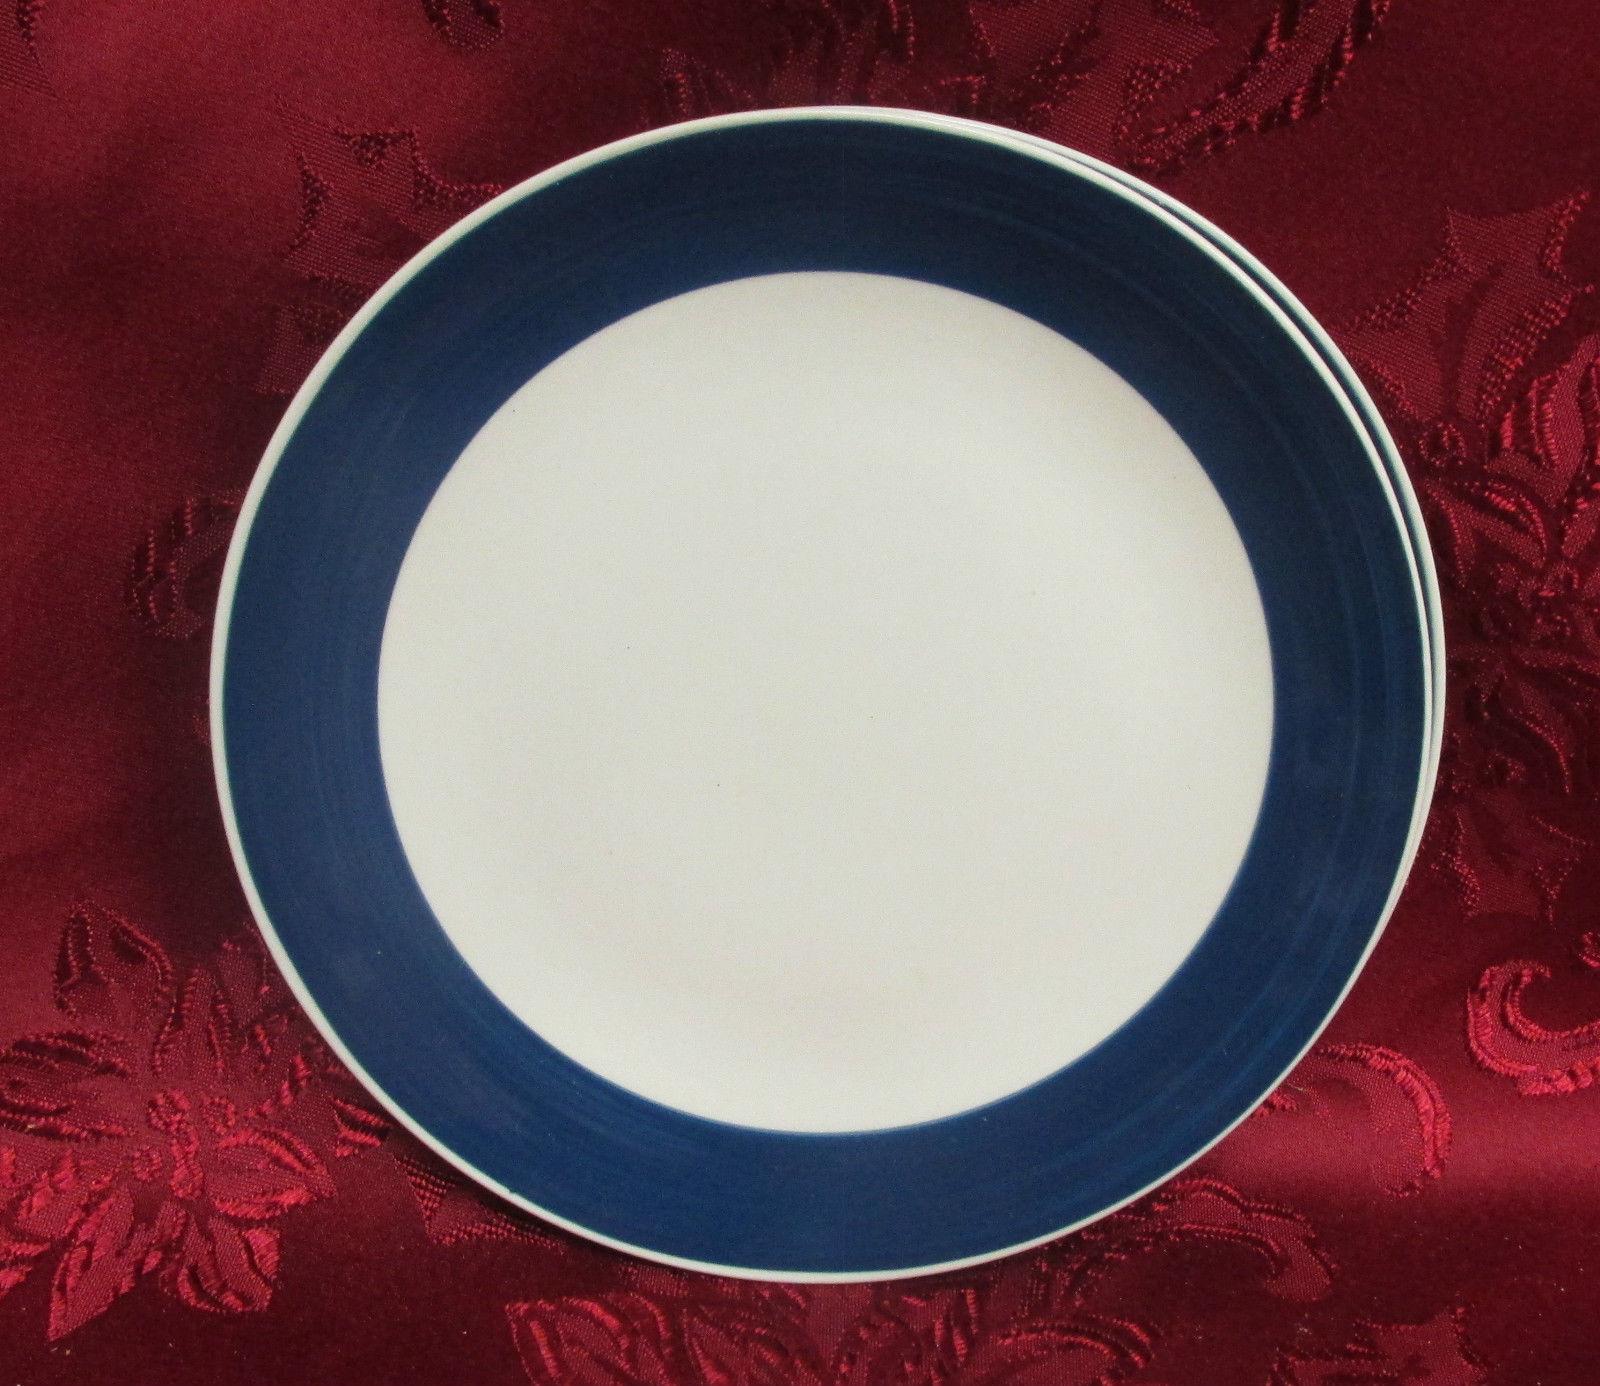 Gibson Designs Cobalt Blue Salad Dessert Plate X 2 - $9.99